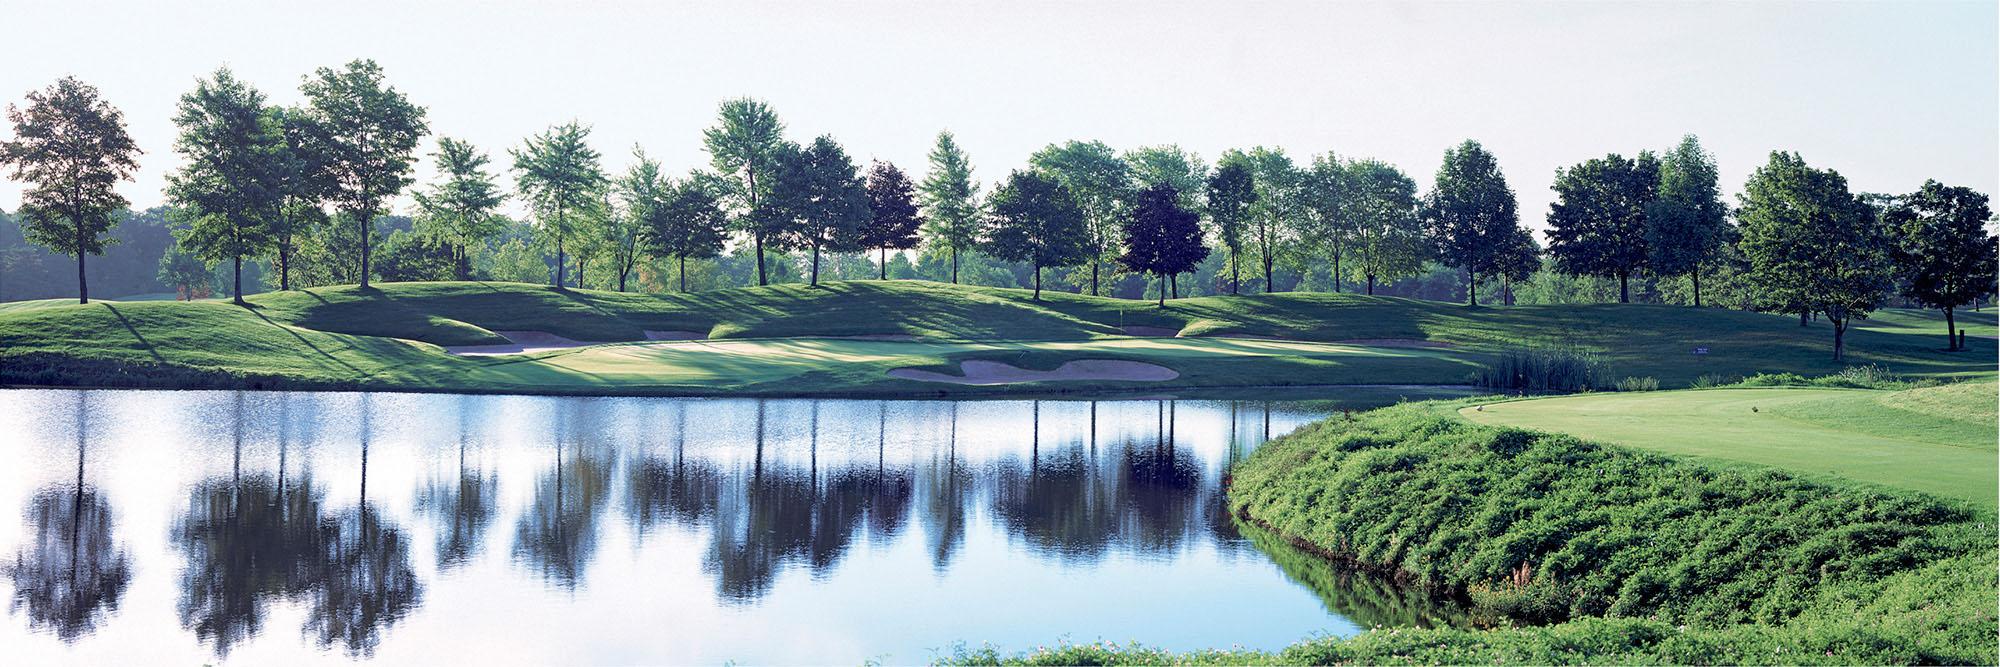 Golf Course Image - Glen Abbey No. 3